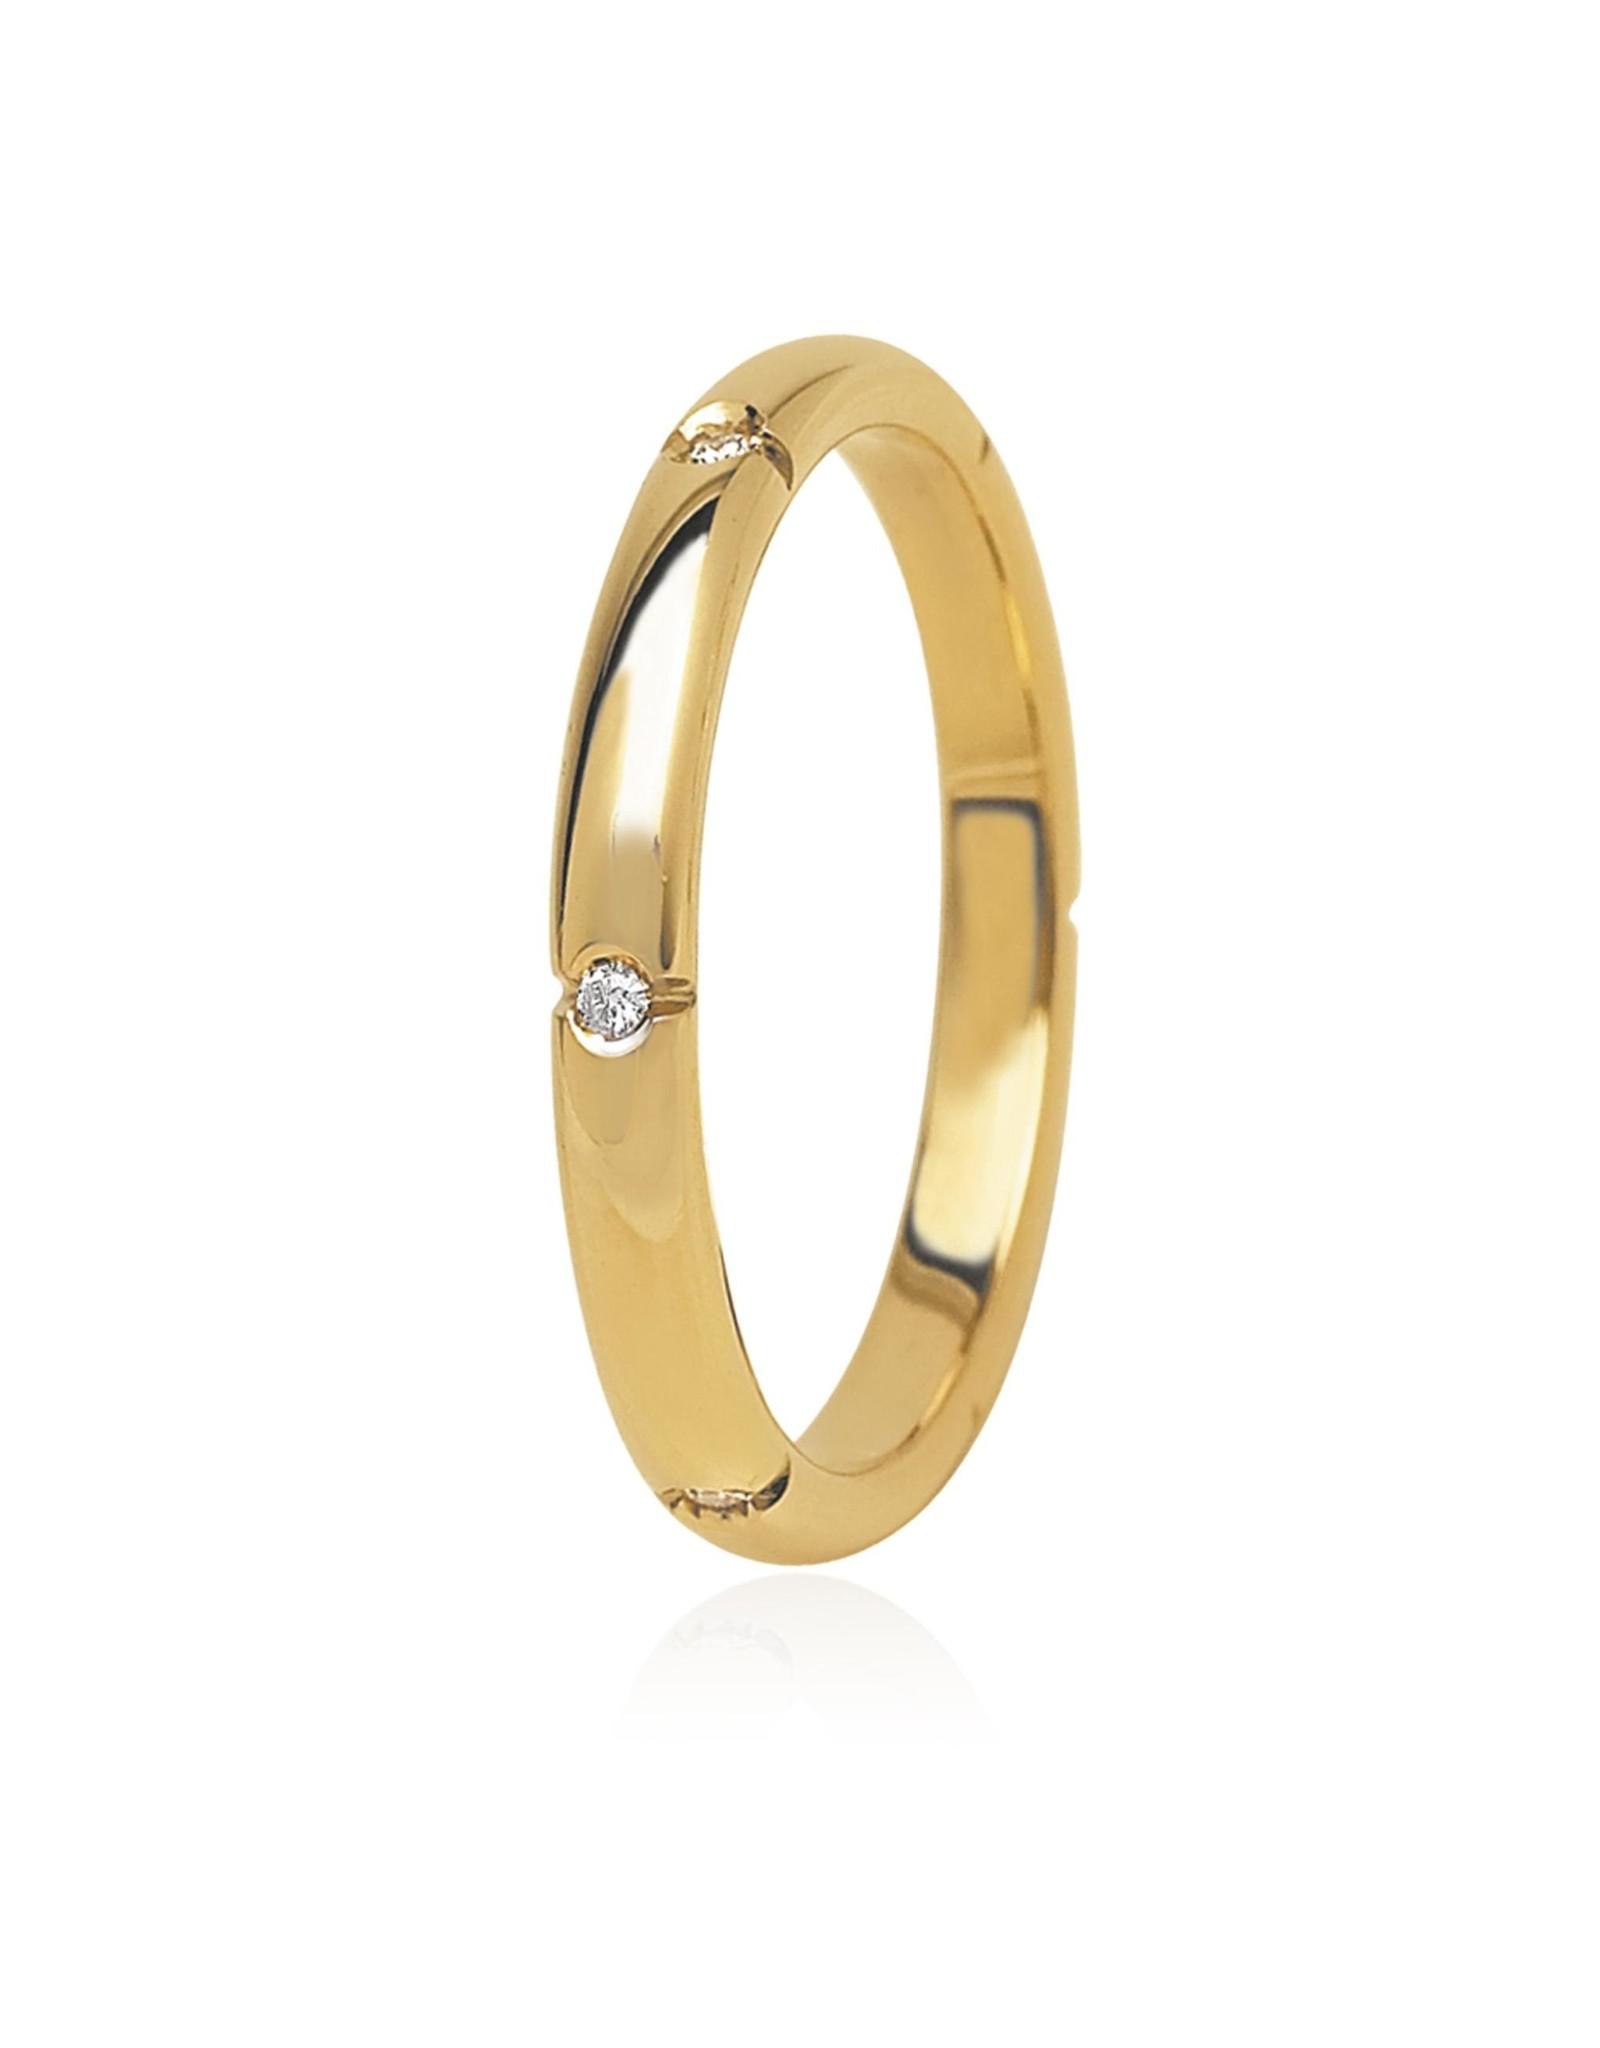 LVN Trouwring Geel Goud Met Diamant